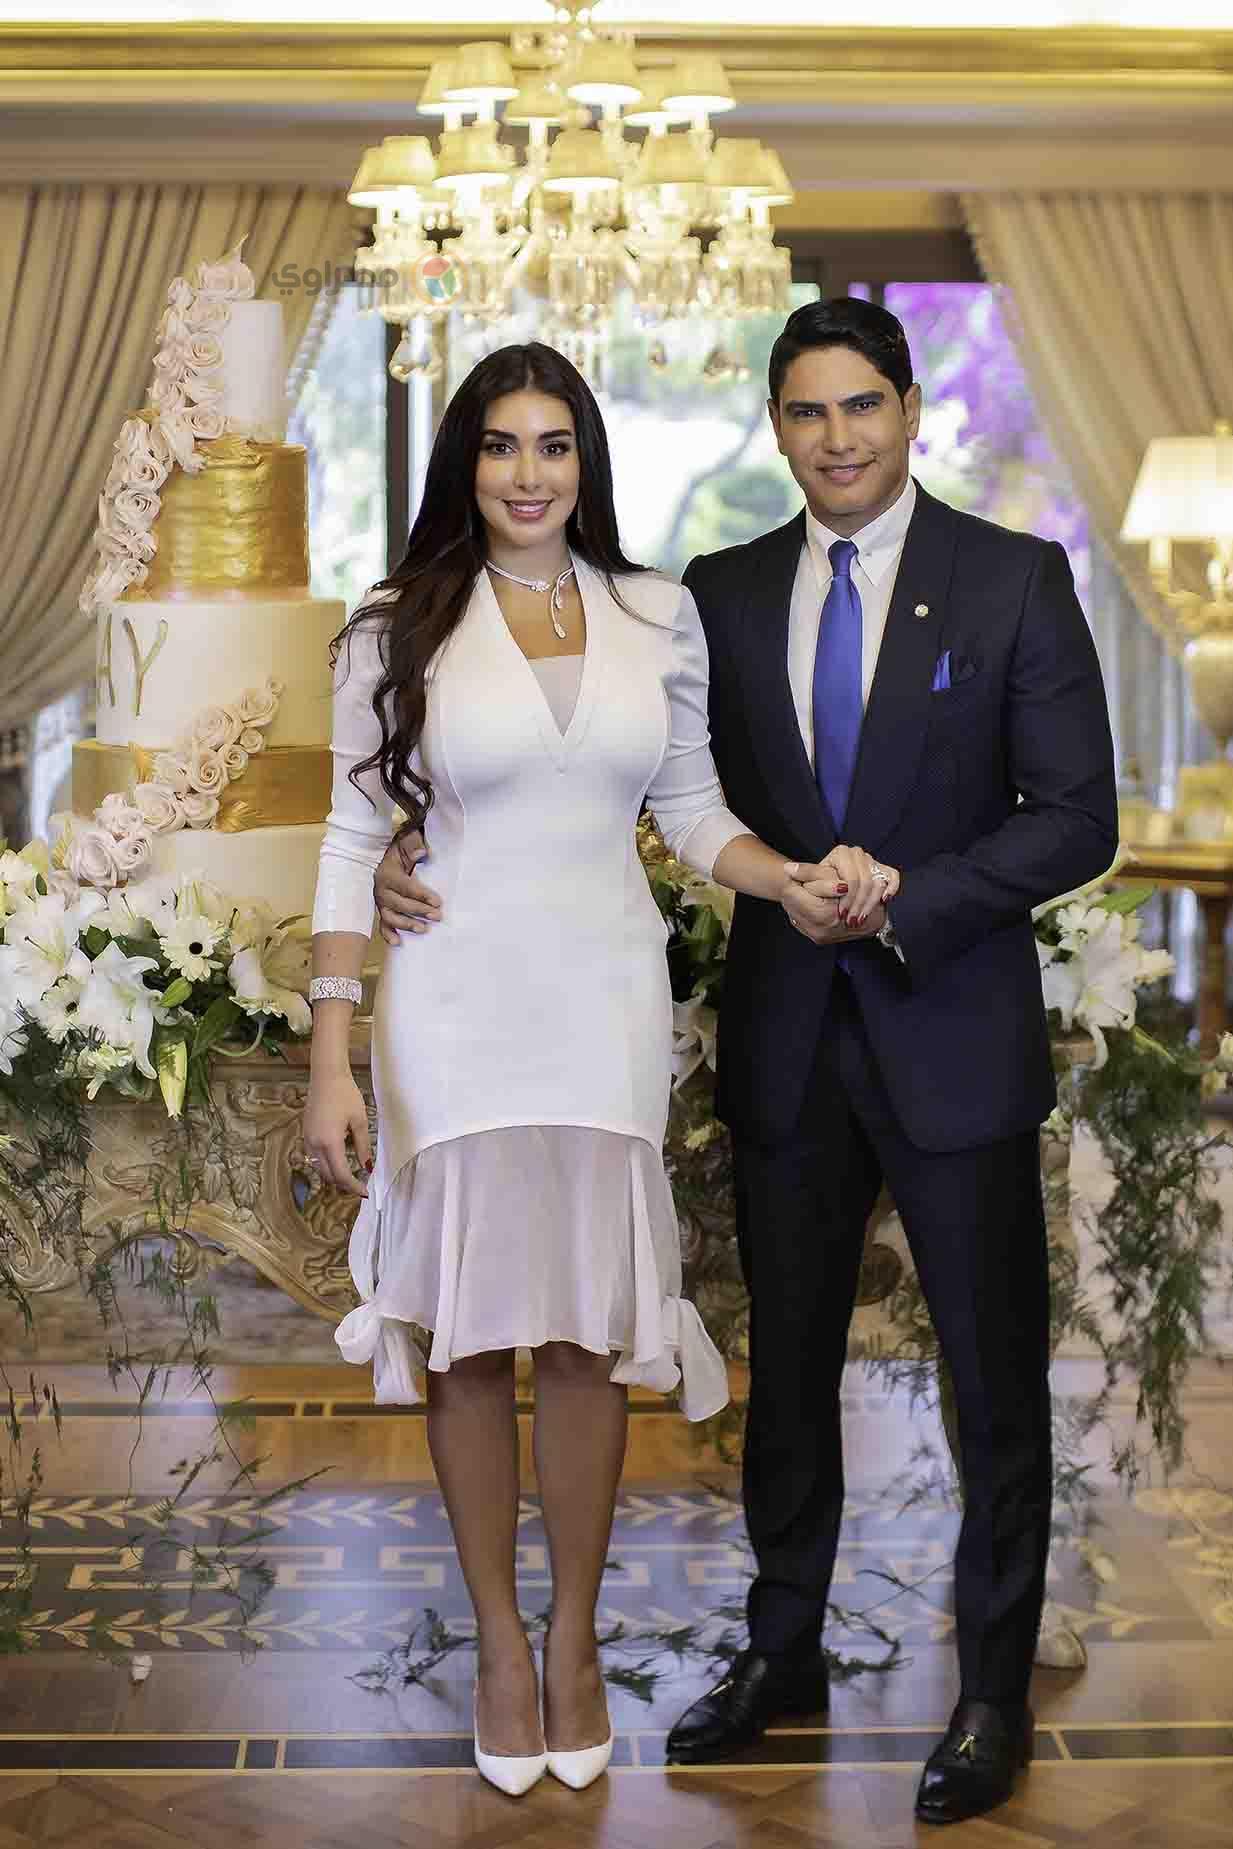 صور جديدة من عقد قرآن أبوهشيمة على ياسمين صبري .. وإطلالة رائعة بالفستان الأبيض 3